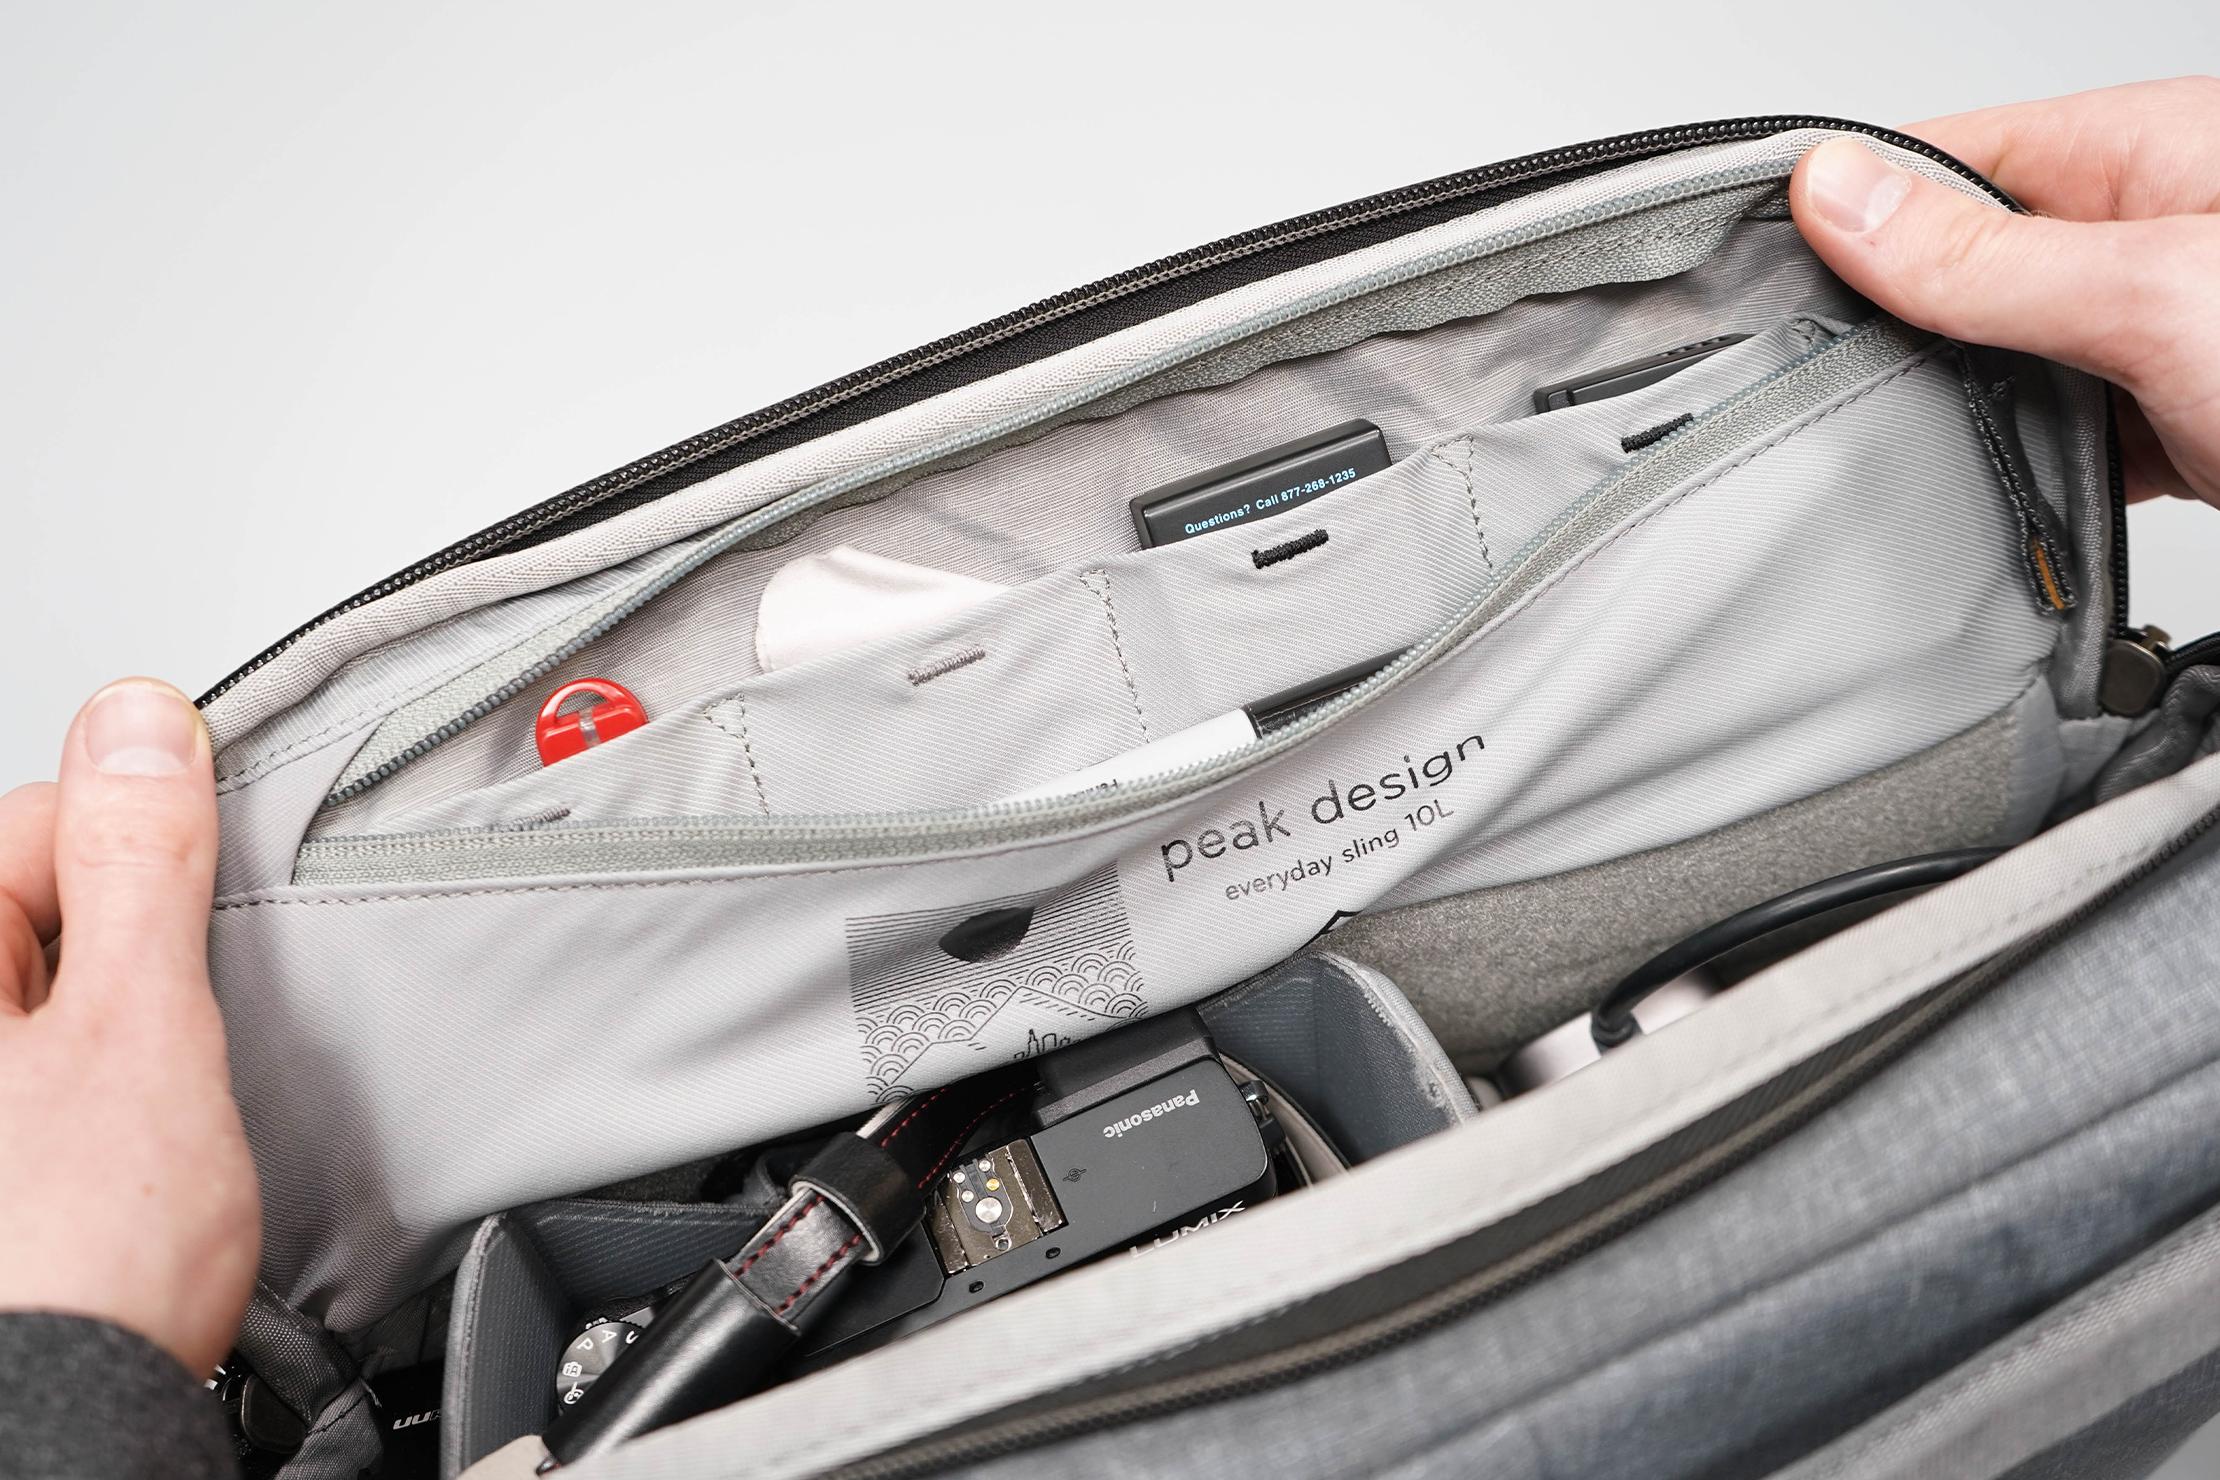 Peak Design Everyday Sling 10L V2 Zip Pocket